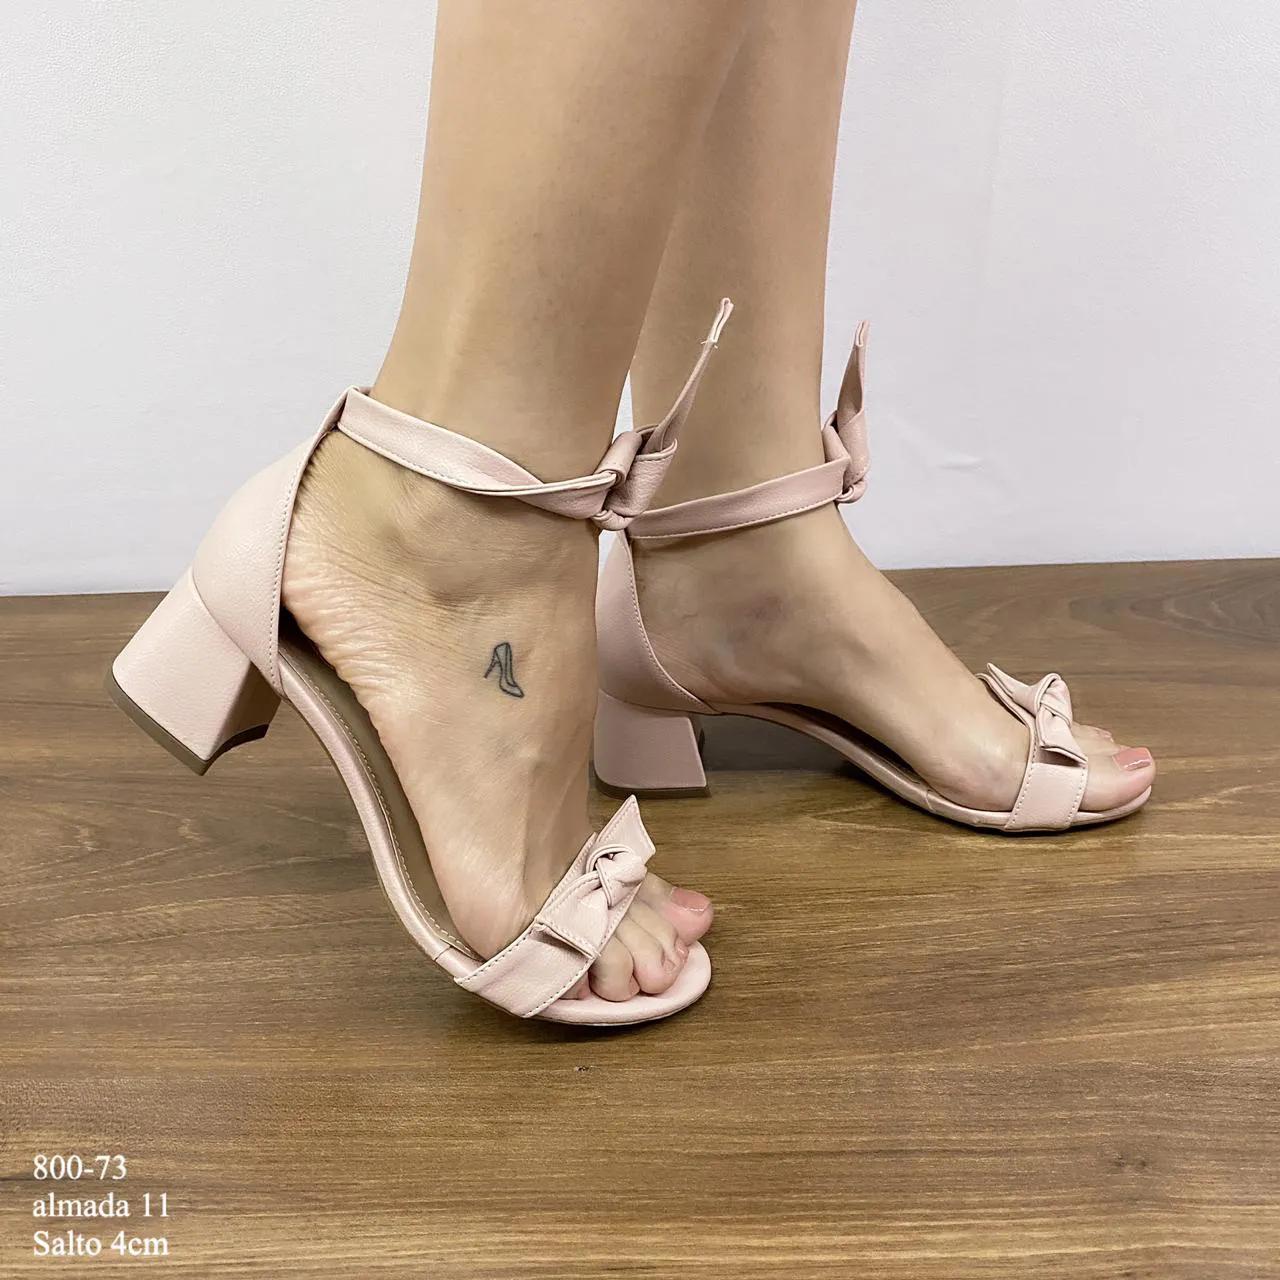 Sandália Almada 11 Com  Lacinho | D-800-73